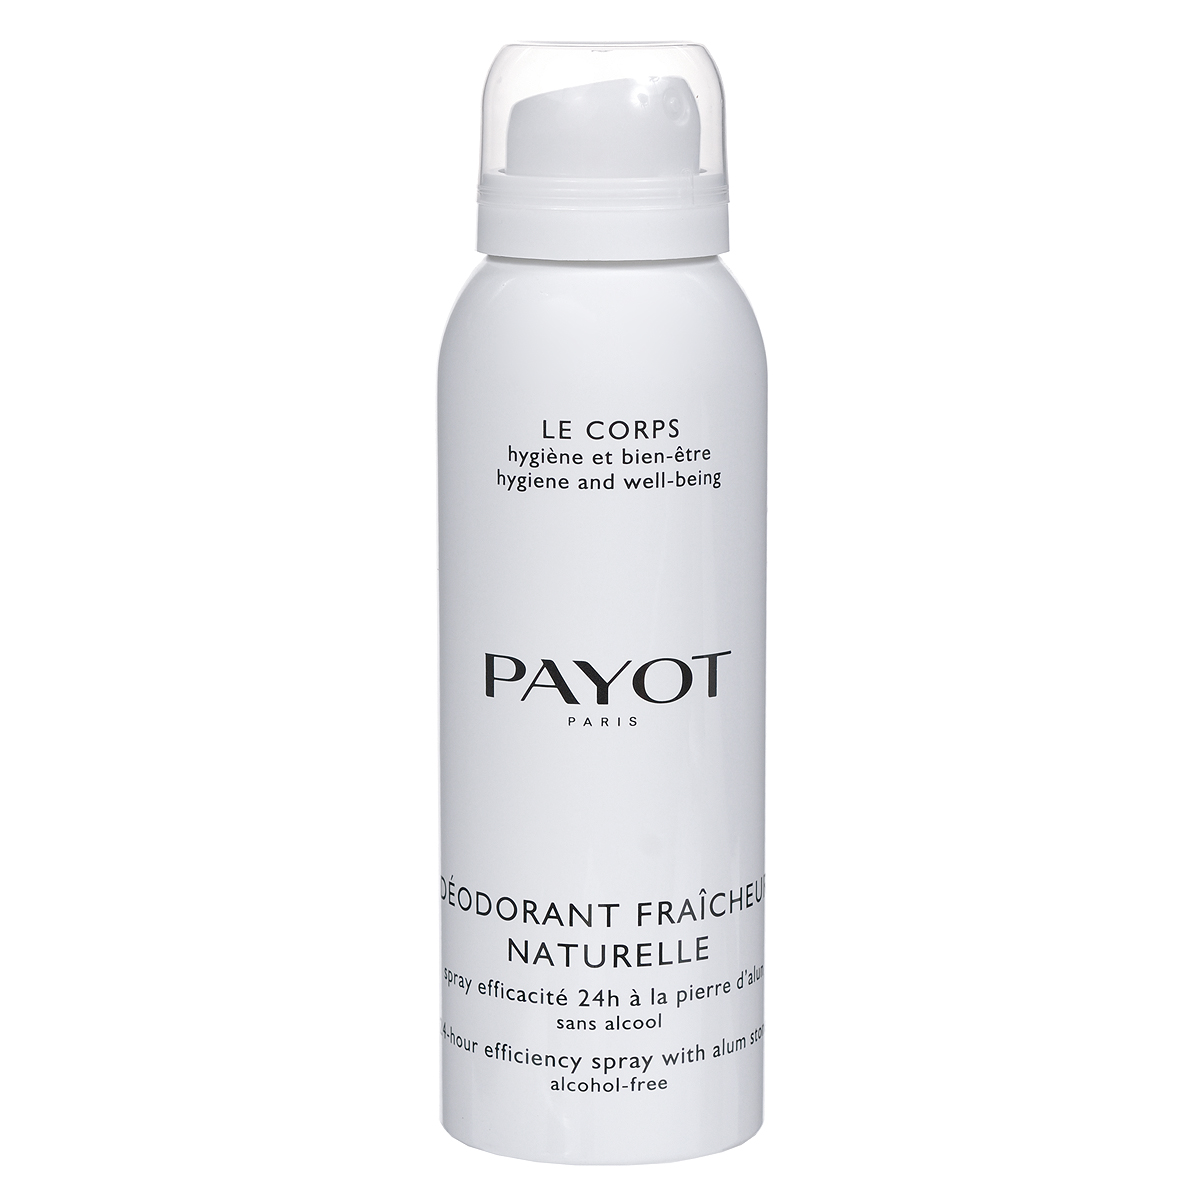 Payot Дезодорант-спрей Naturelle, женский, 125 млFS-00897Безалкогольный дезодорант обеспечивает гигиену в течение дня, прекрасно смягчает и успокаивает кожу после эпиляции и бритья.Наносите дезодорант на чистую сухую кожу подмышек.